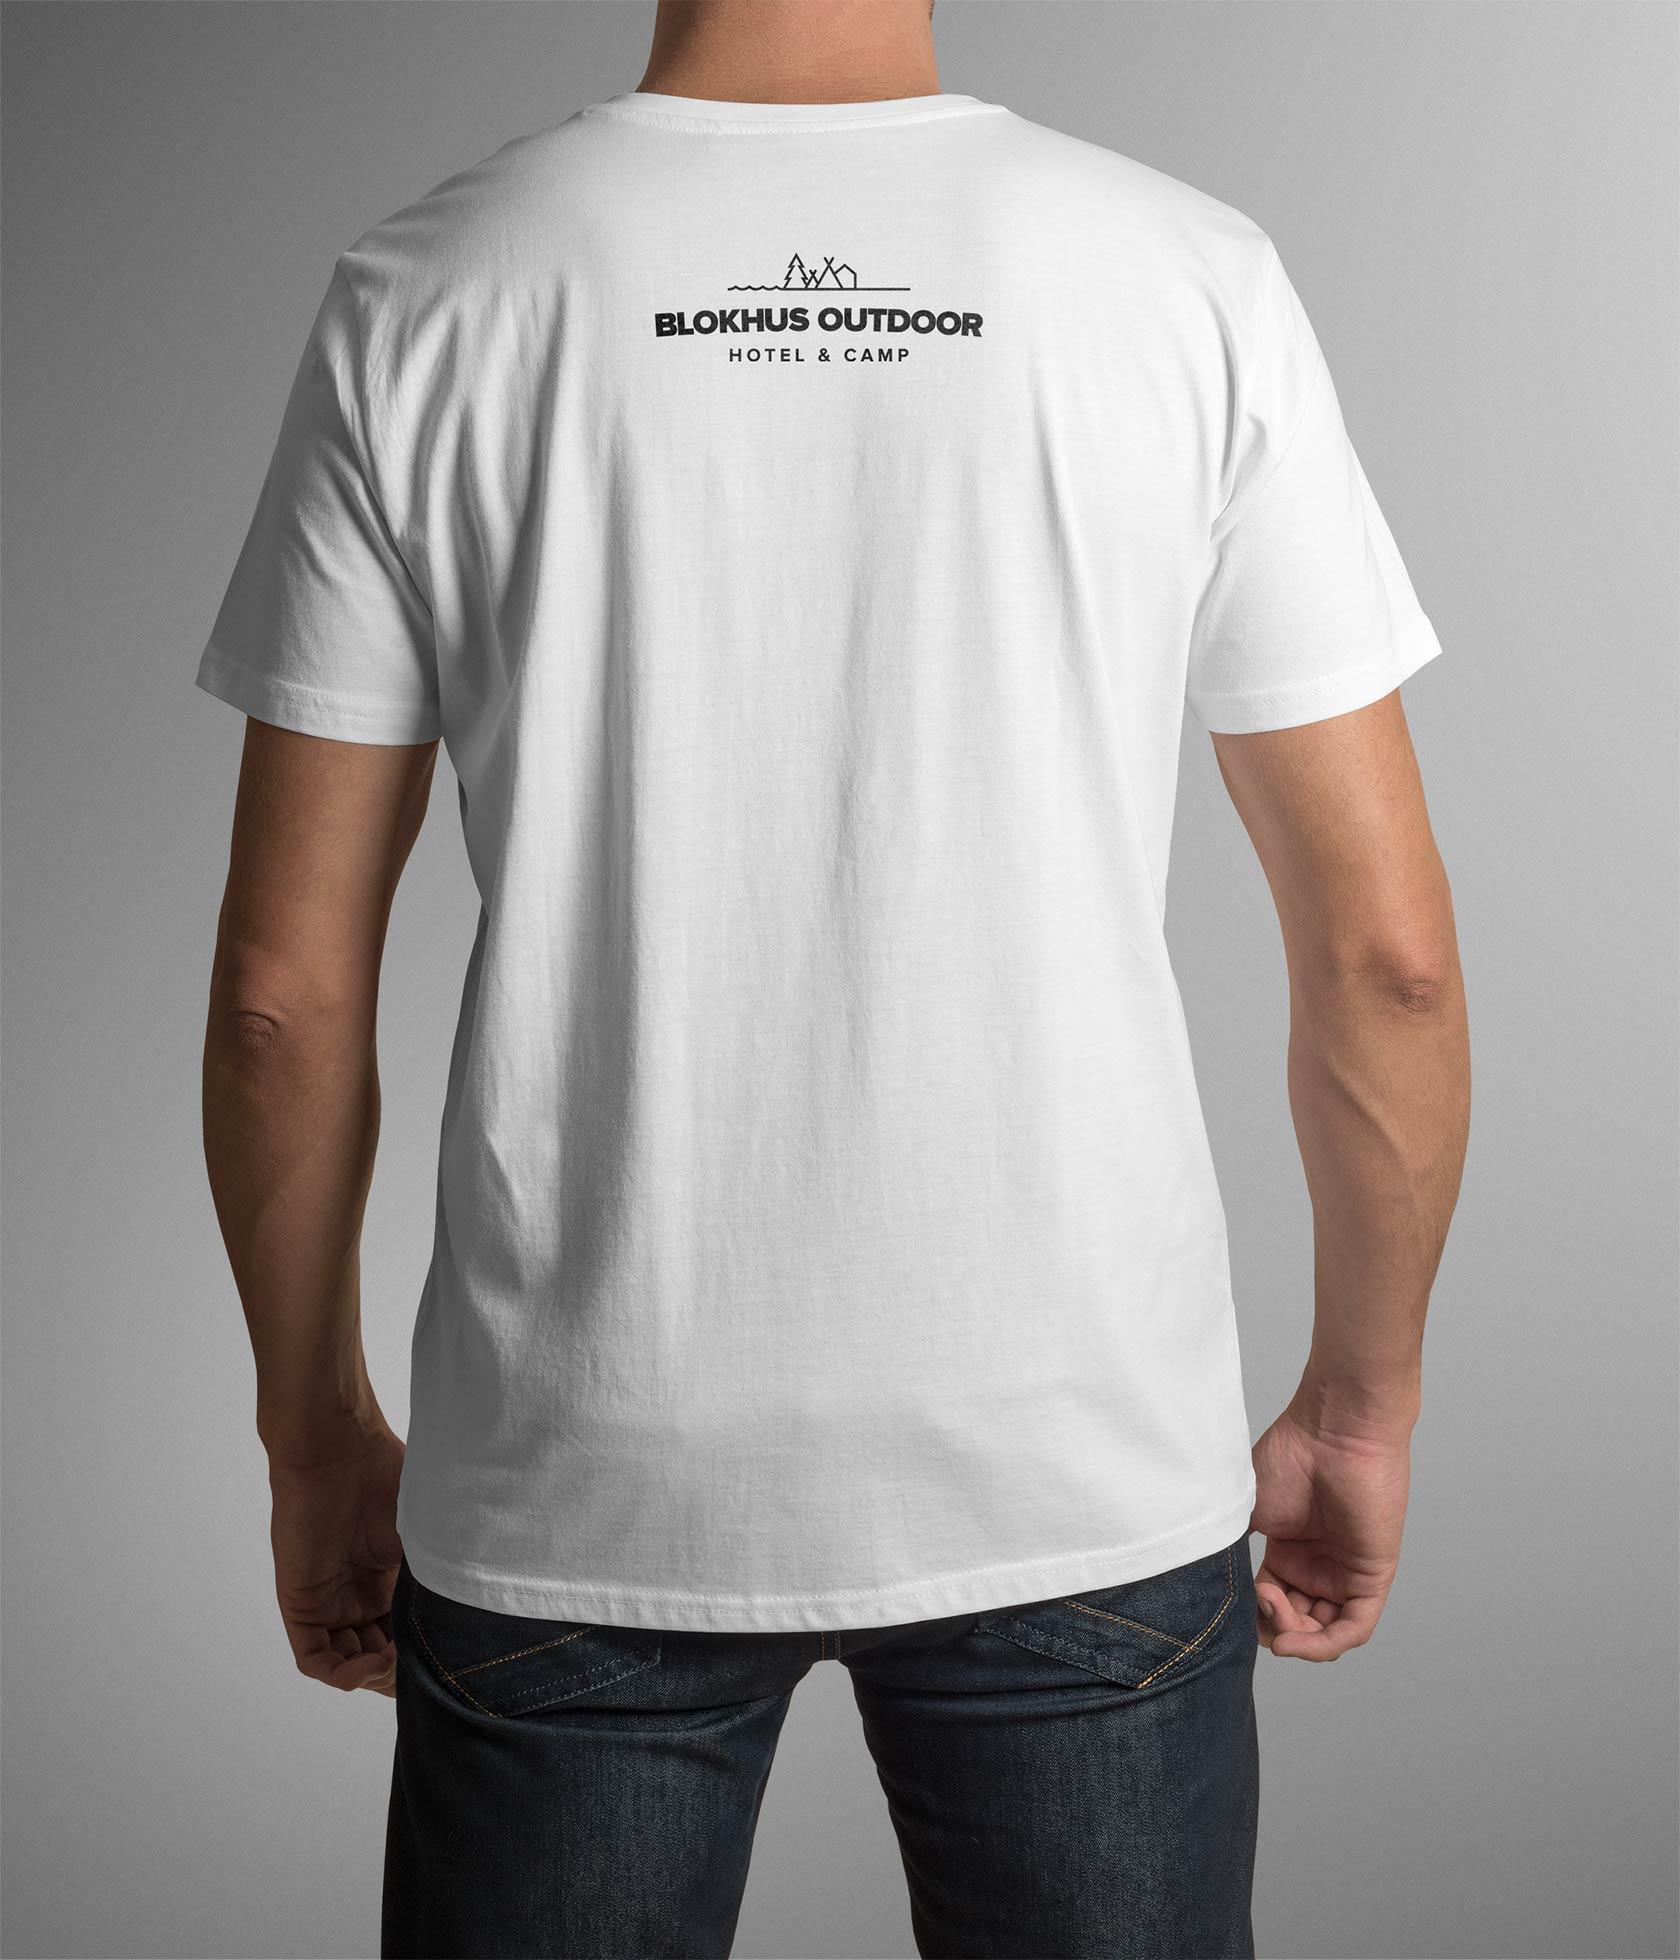 Billeder der viser t-shirt design med Blokhus Outdoors logo